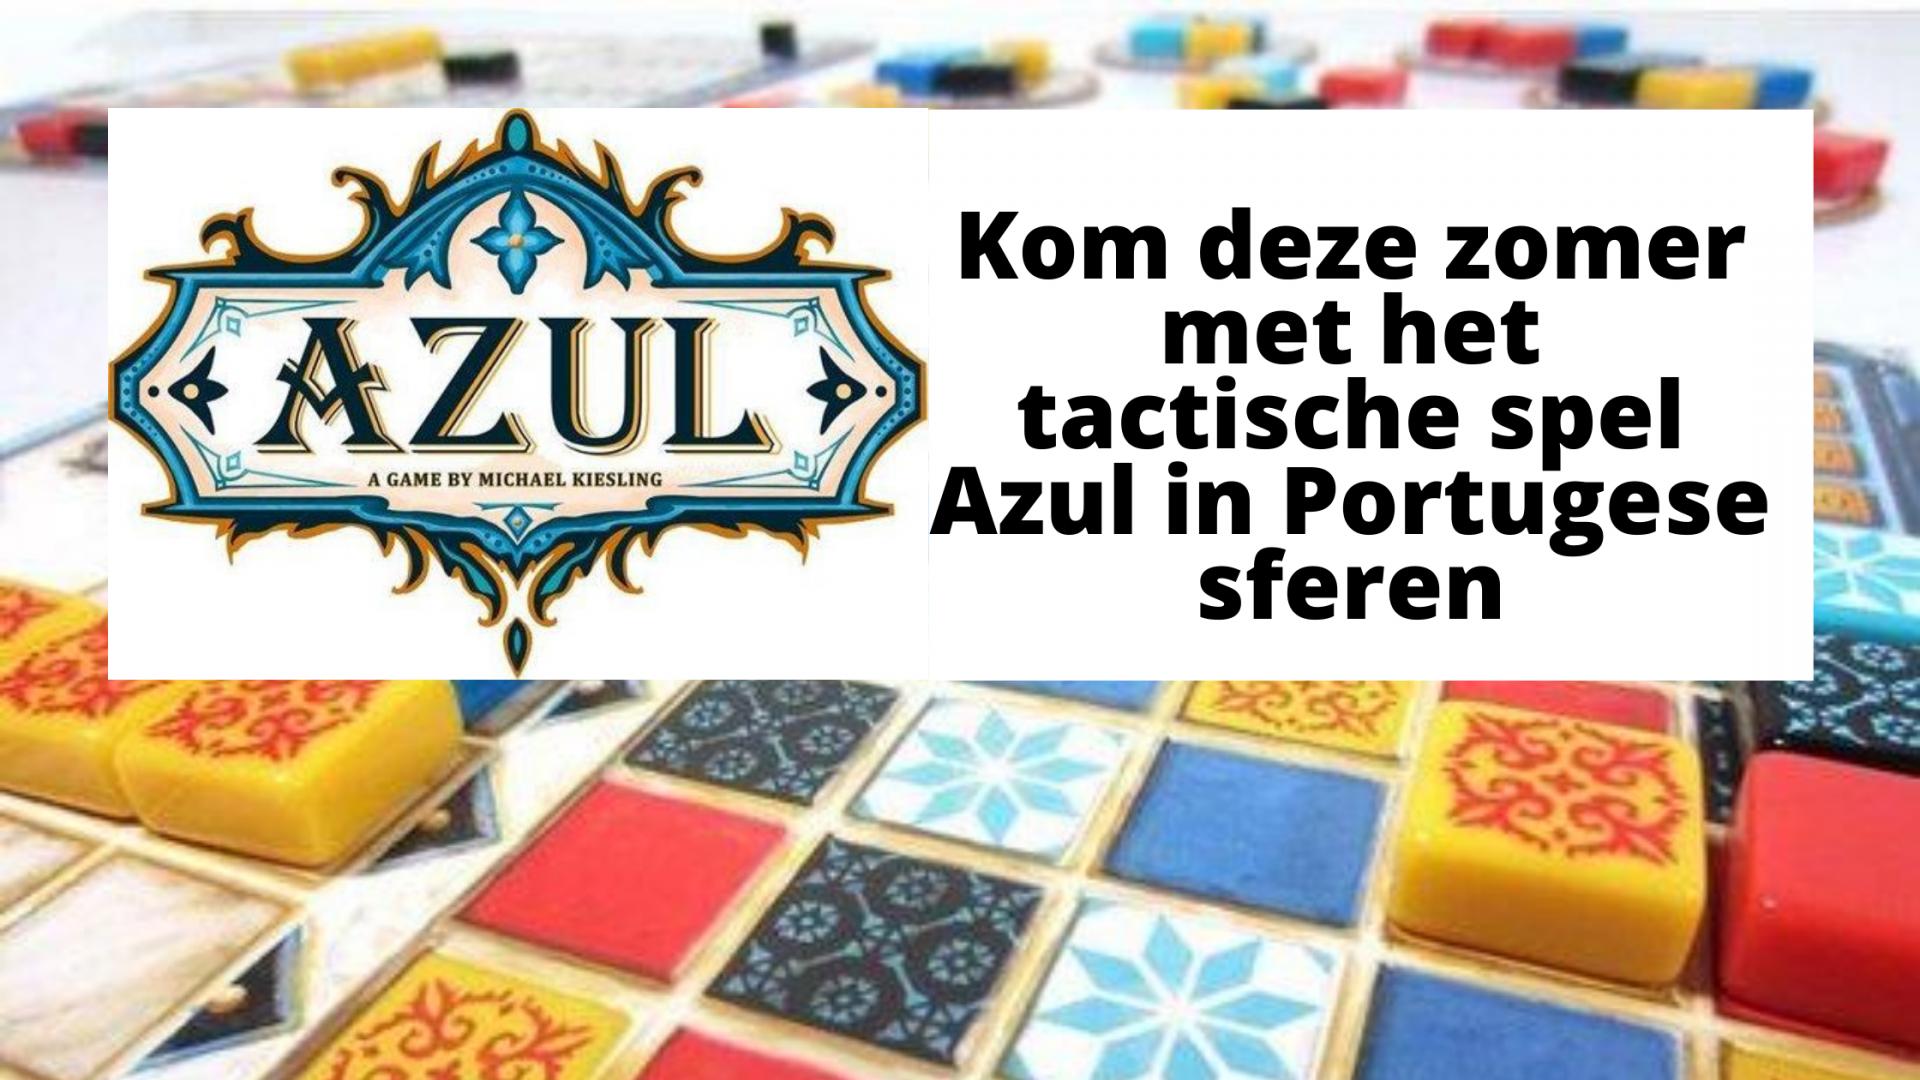 Kom deze zomer met het tactische spel Azul in Portugese sferen